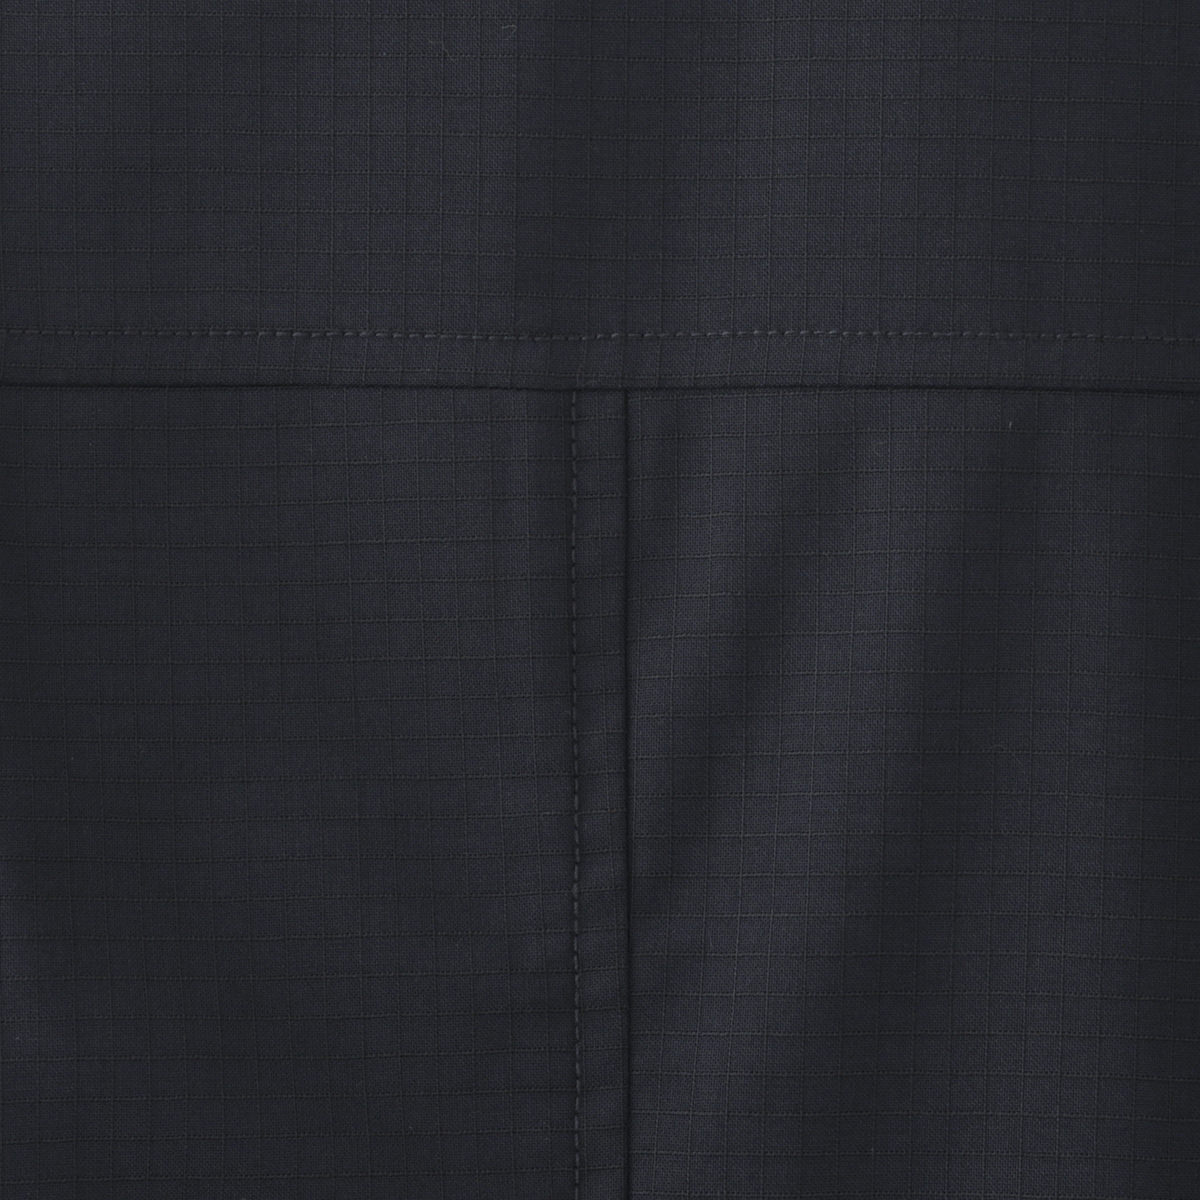 フレッドペリー 秋冬 メンズ アウター ウール ポリエステル リップストップ オーバーコート Fred Perry 2色 ネイビー カーキ 正規販売店 ギフト